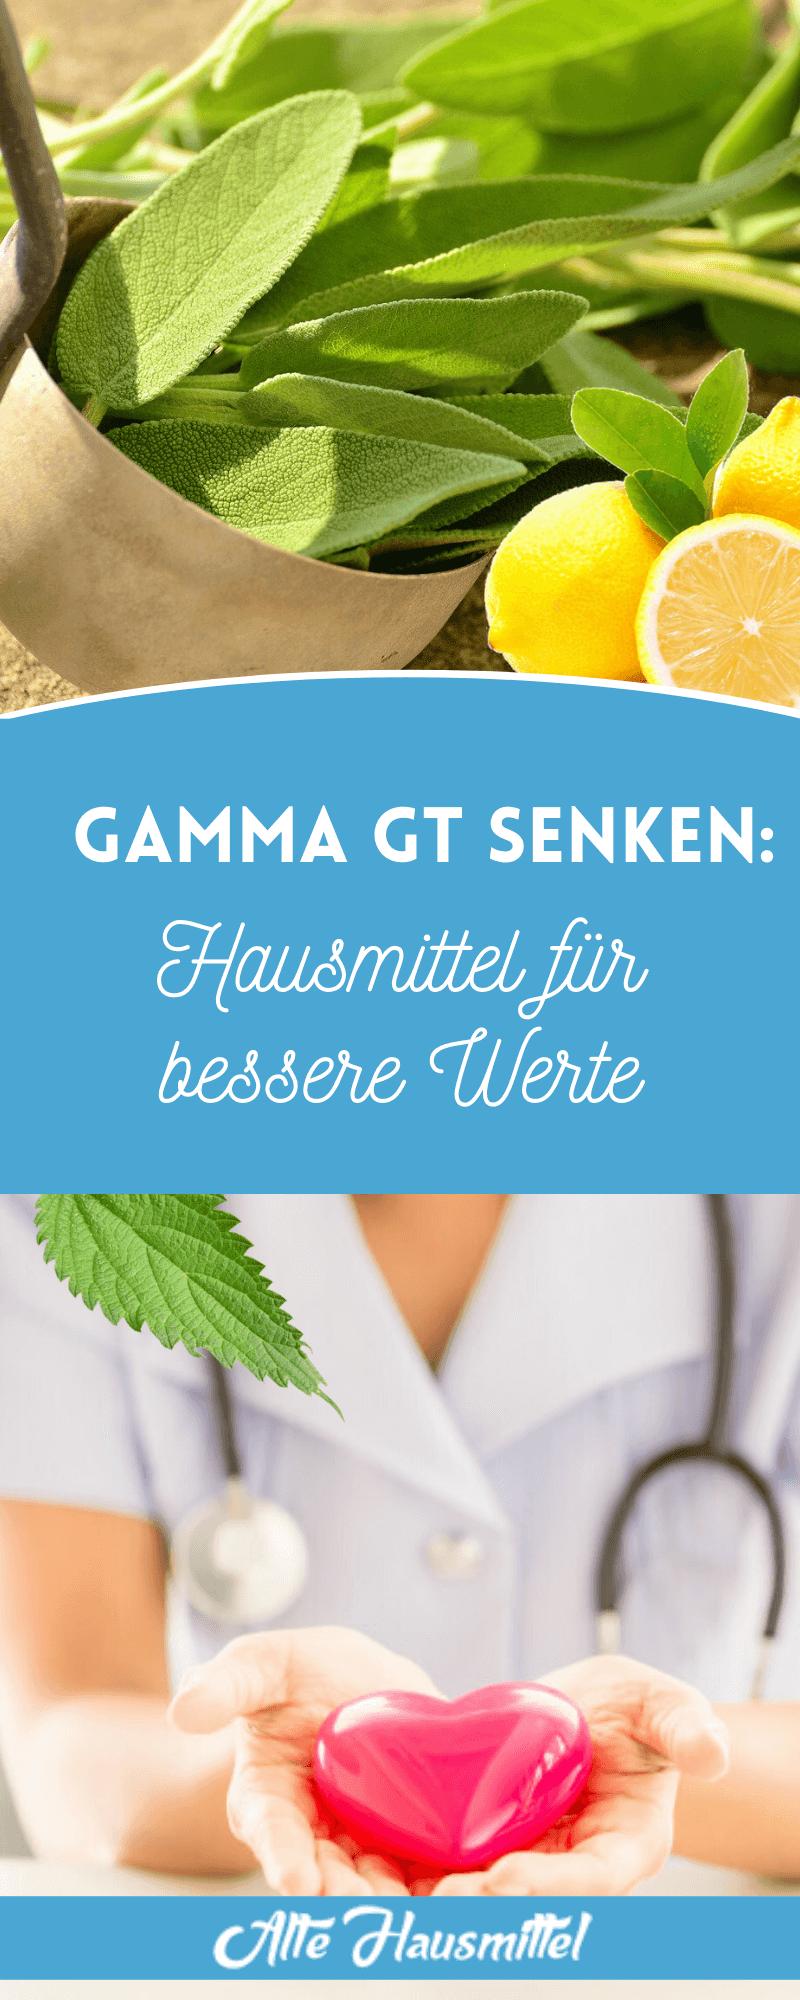 Gamma GT senken: Hausmittel für bessere Werte